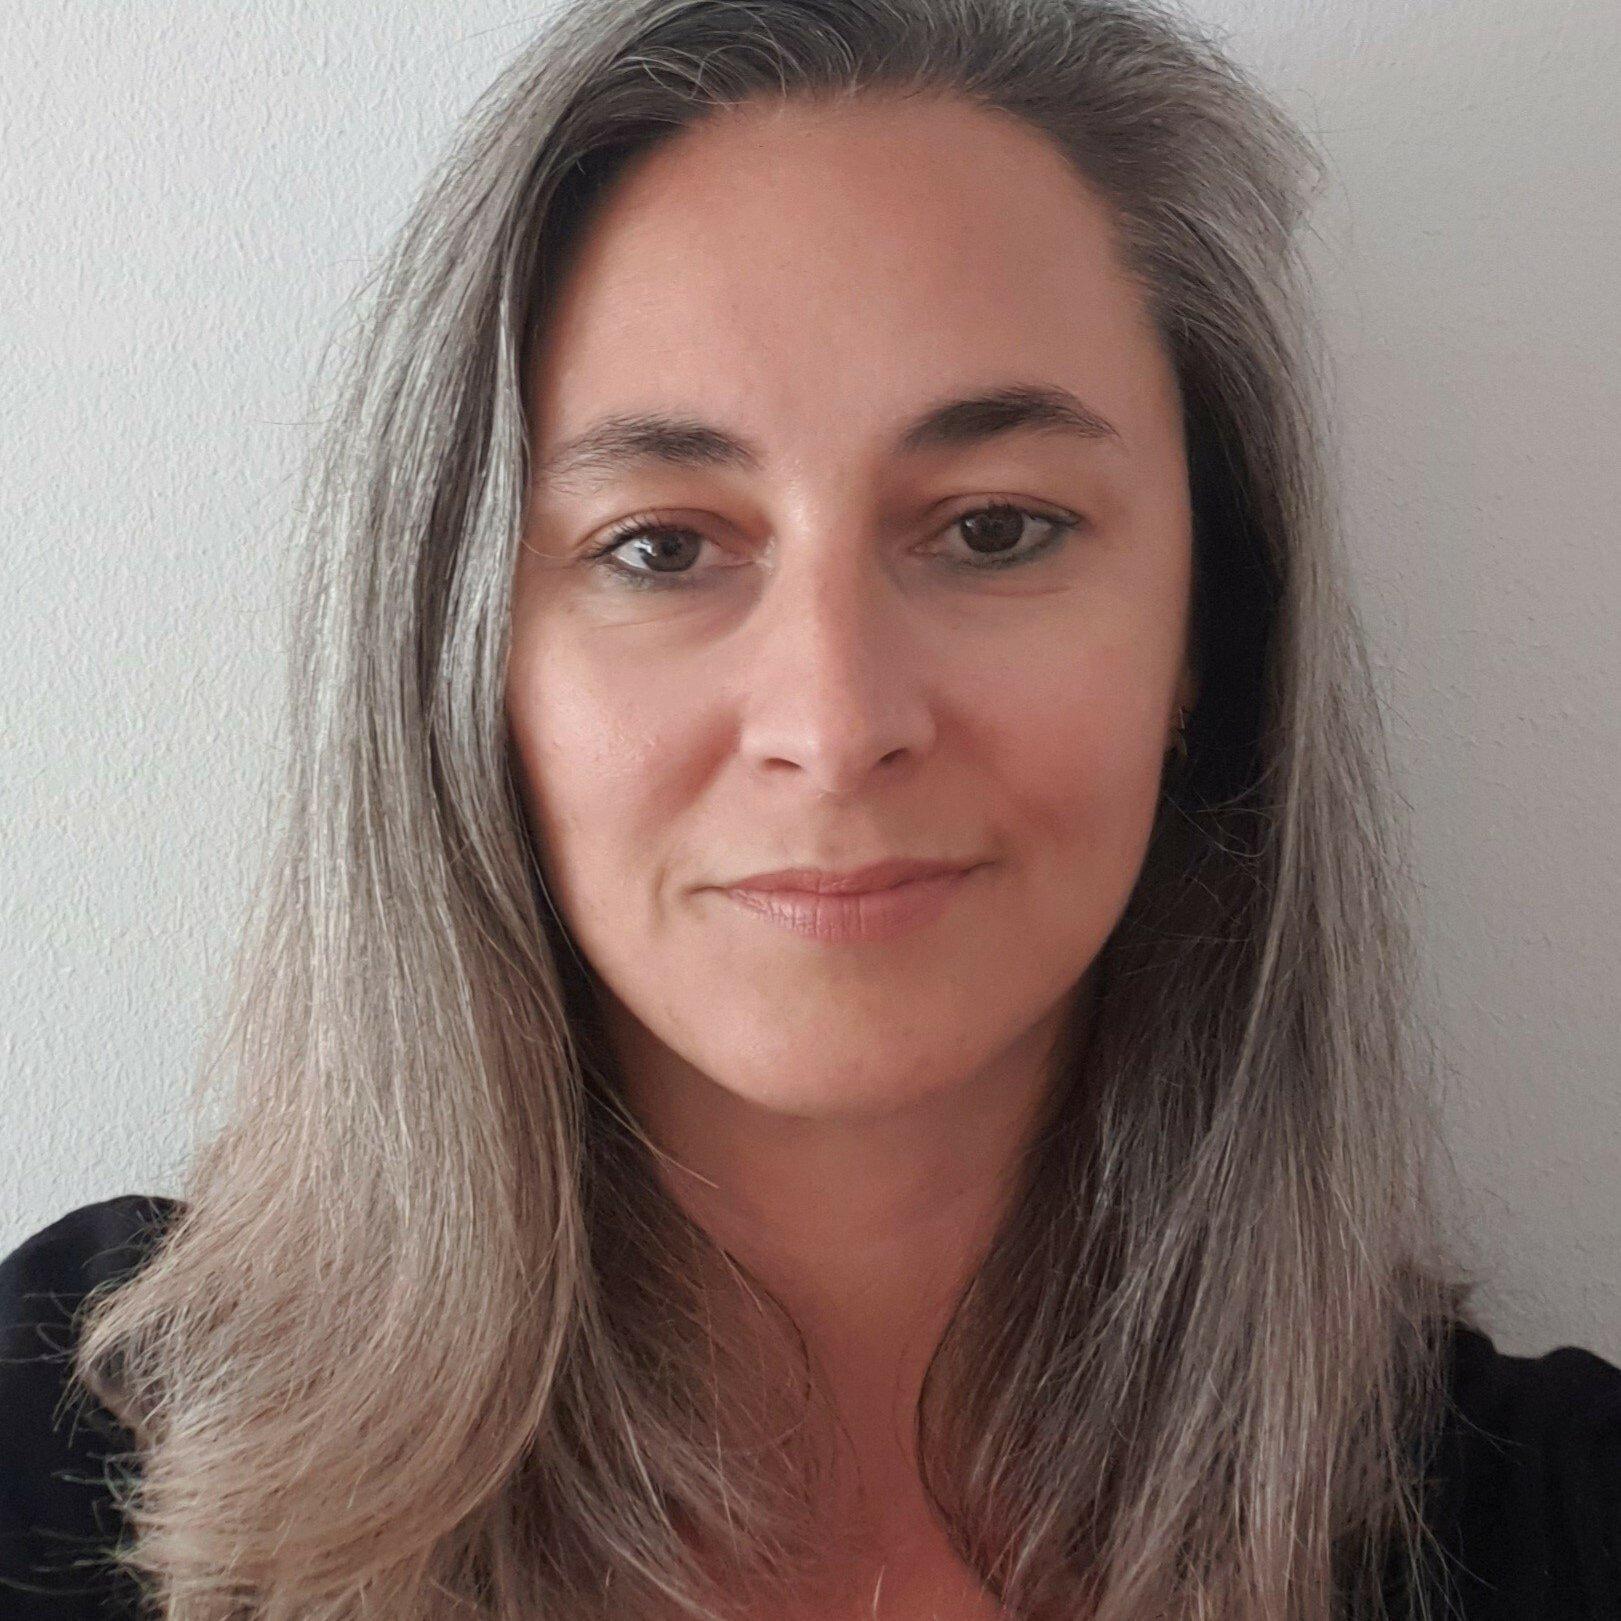 Journalistin und Umweltwissenschaftlerin Daniela Becker